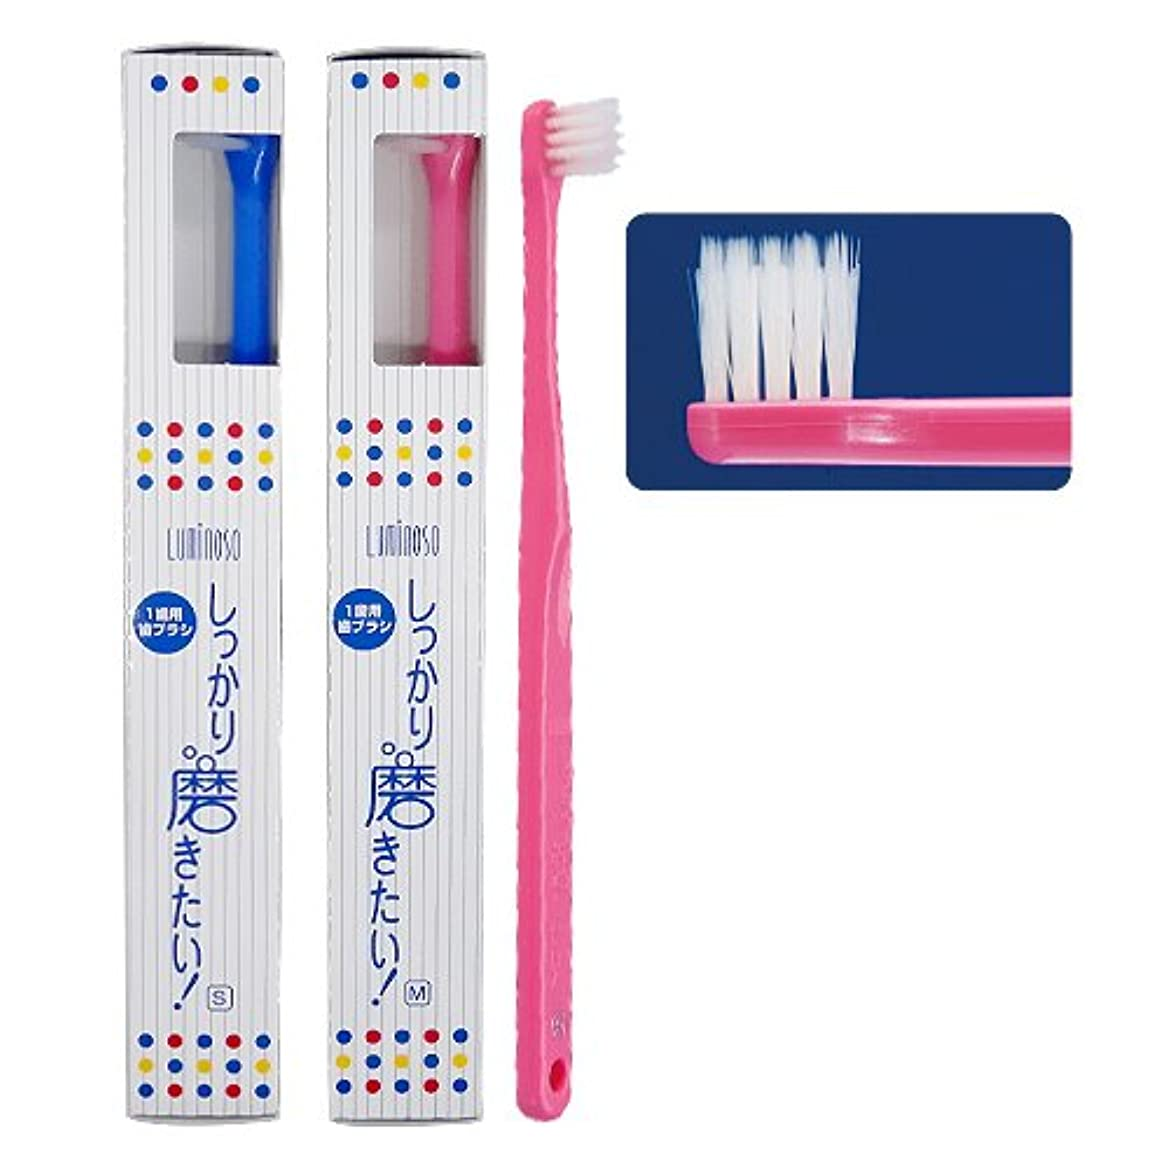 狂気ナチュラルジャンプルミノソ 1歯用歯ブラシ「しっかり磨きたい!」スタンダード ソフト